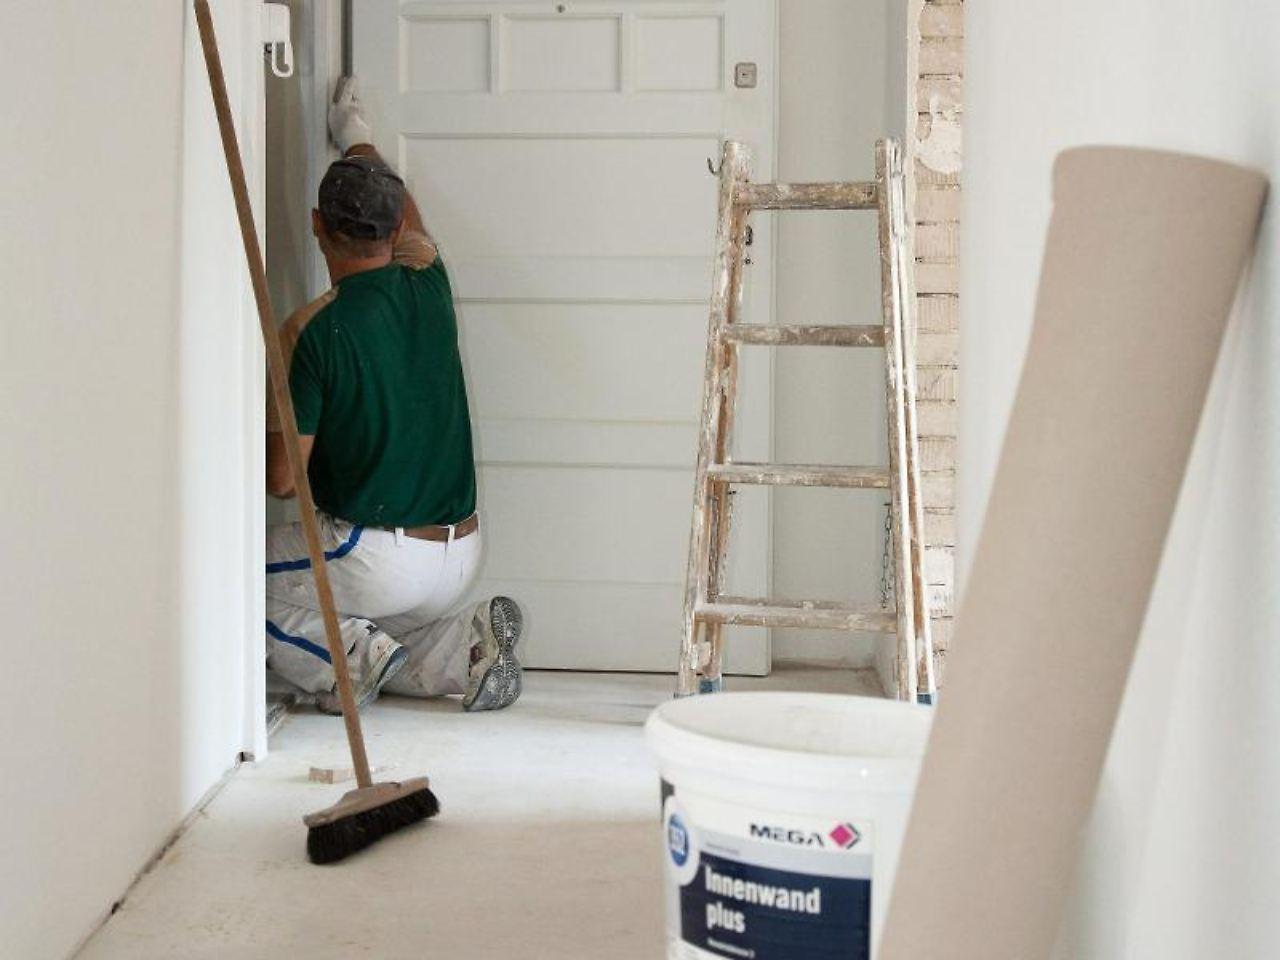 zu sp t zu schlecht zu teuer was tun wenn handwerker rger machen n. Black Bedroom Furniture Sets. Home Design Ideas